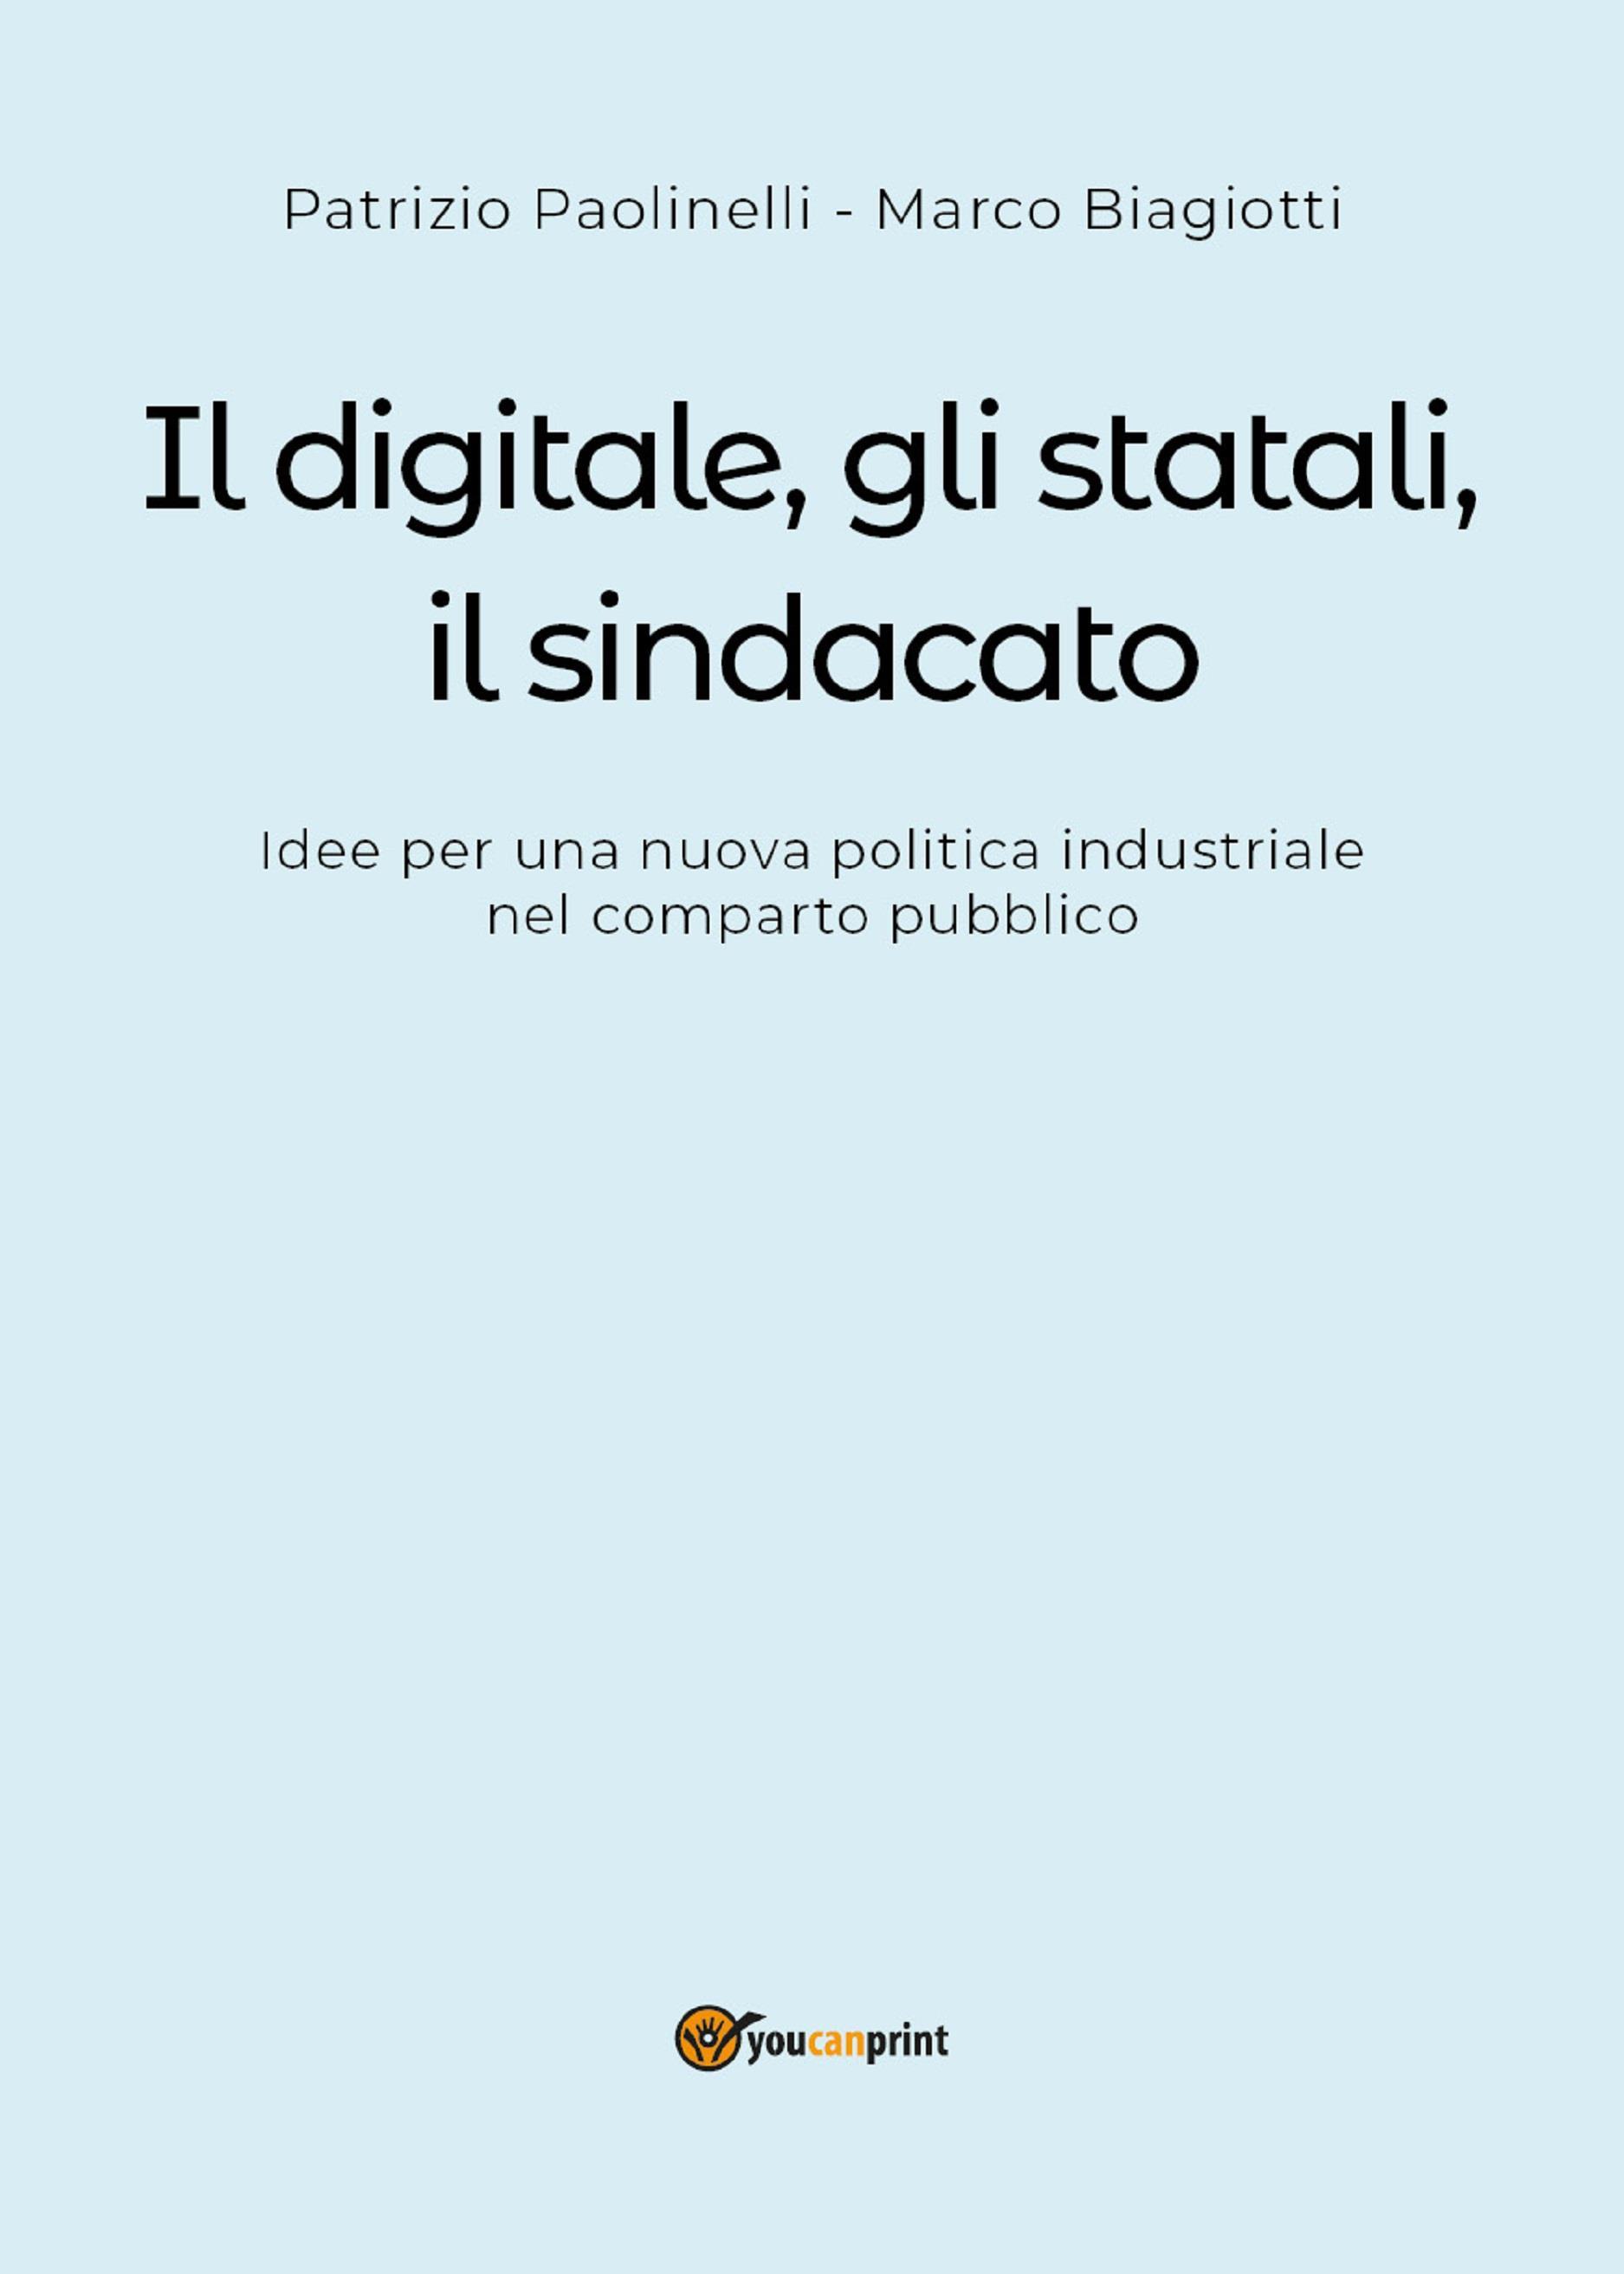 Il digitale, gli statali e il sindacato. Idee per una nuova politica industriale nel comparto pubblico